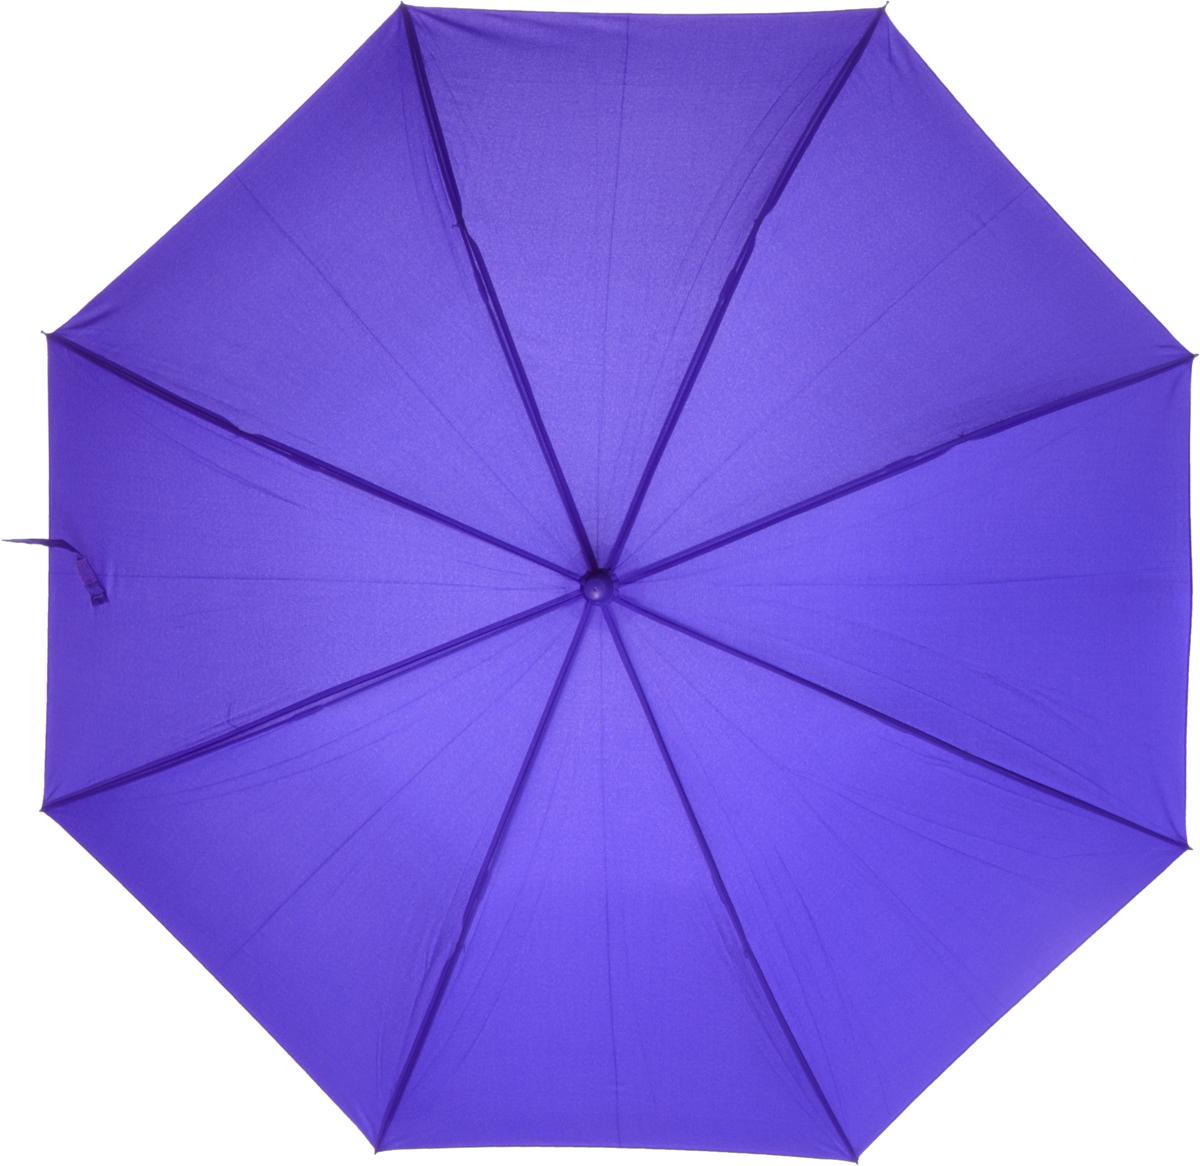 Зонт-трость женский Nuages, цвет: сиреневый. NZ1240/3purple45102176/33205/7900XЗонт - трость. Однотонный. 8 спиц. Автоматическое открытие.